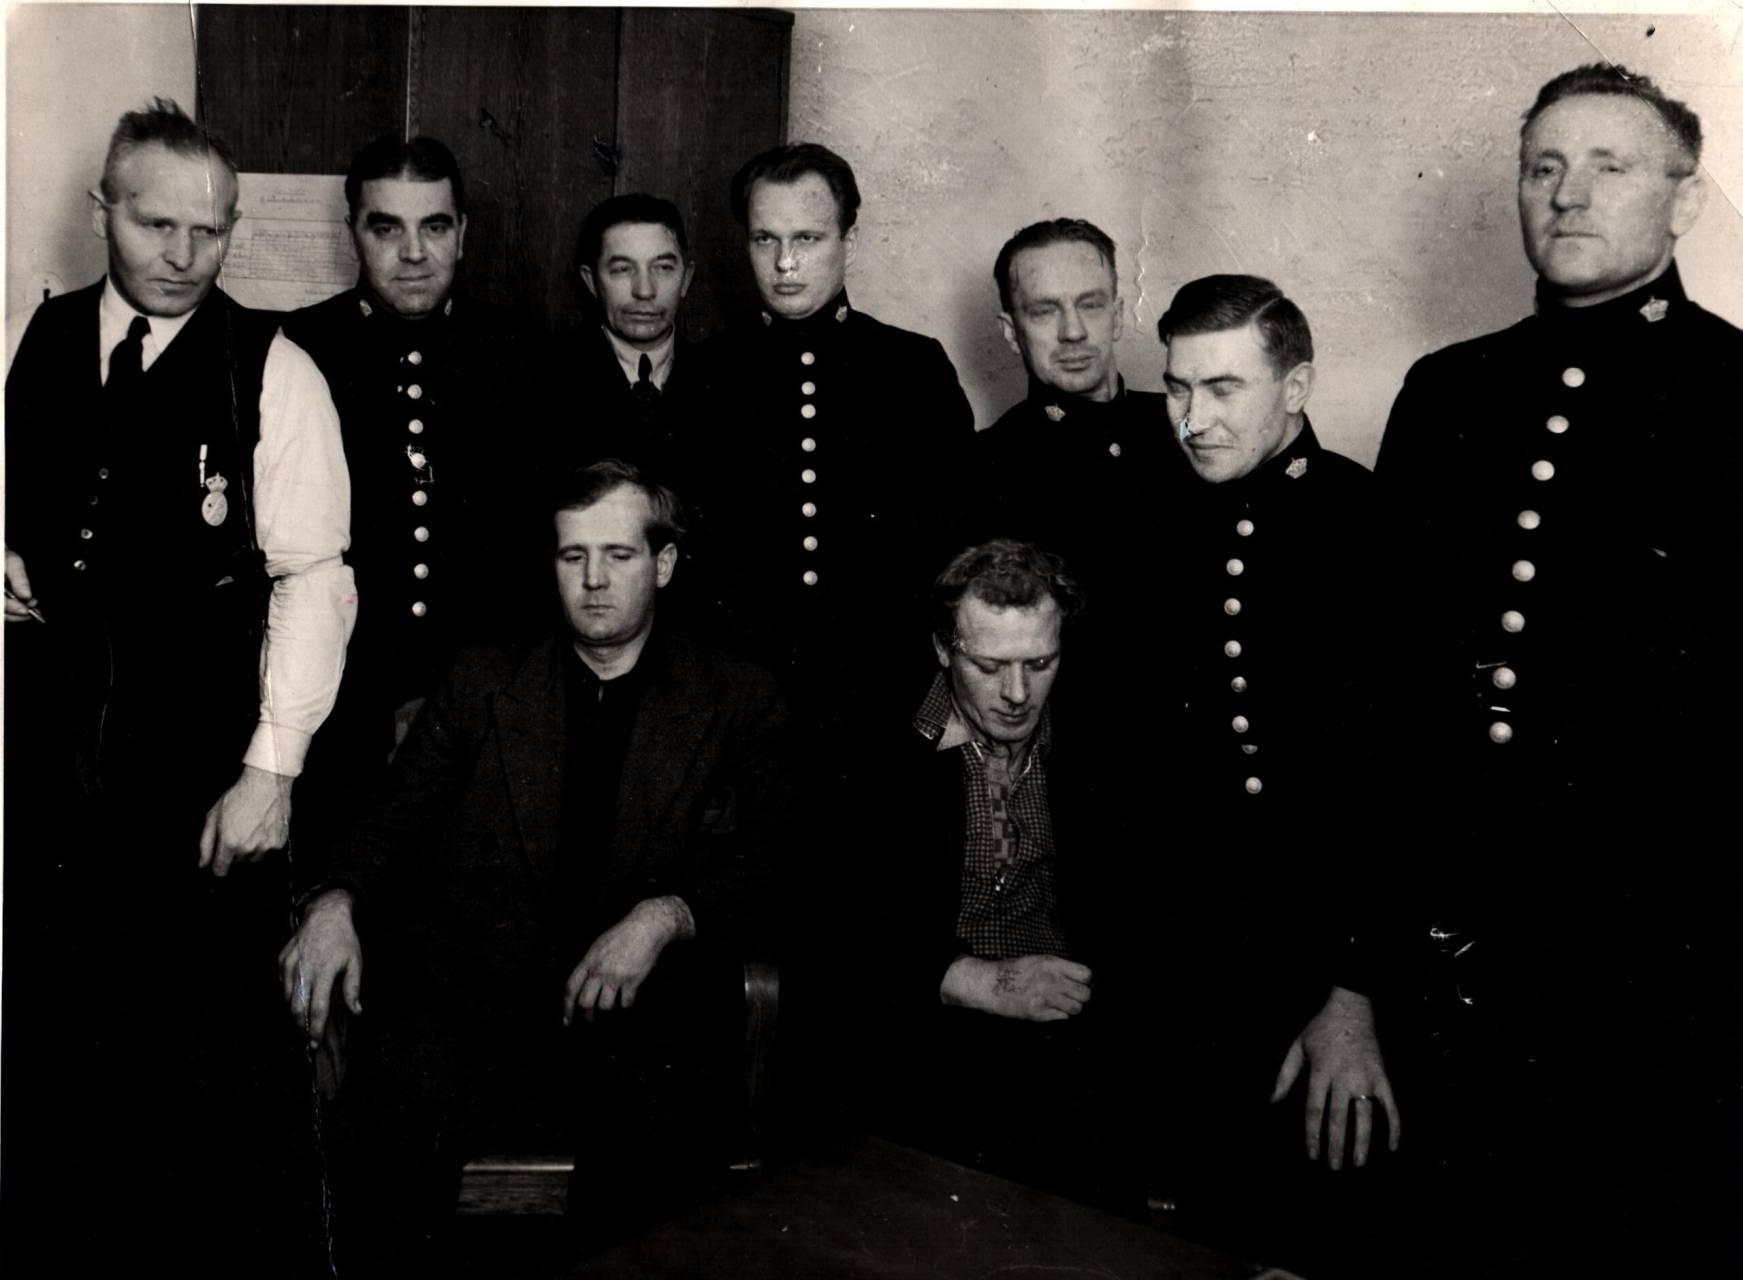 Bildsköne Bengtsson och Tatuerade Johansson tillfångatagna